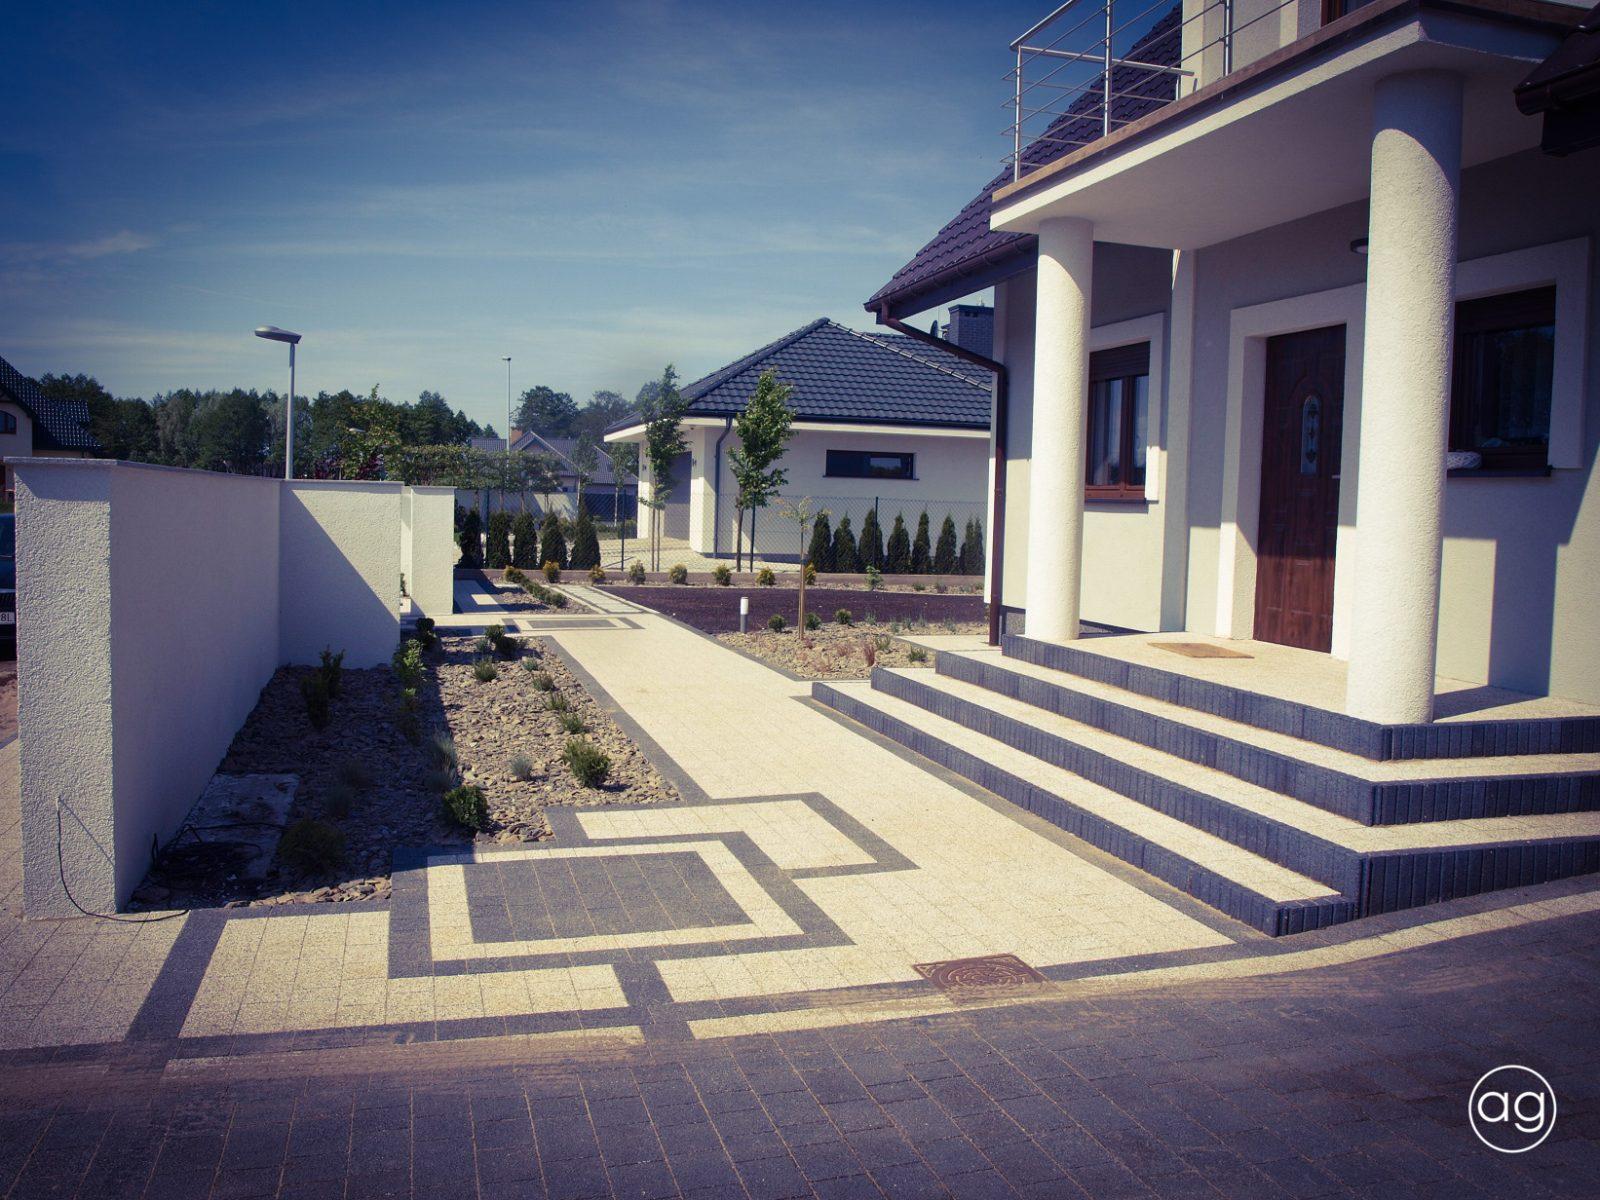 ogród wToruniu, projektowanie ogrodów, Agnieszka Gertner, realizacja, osiedle Bielawy, agnieszkagertnerblog